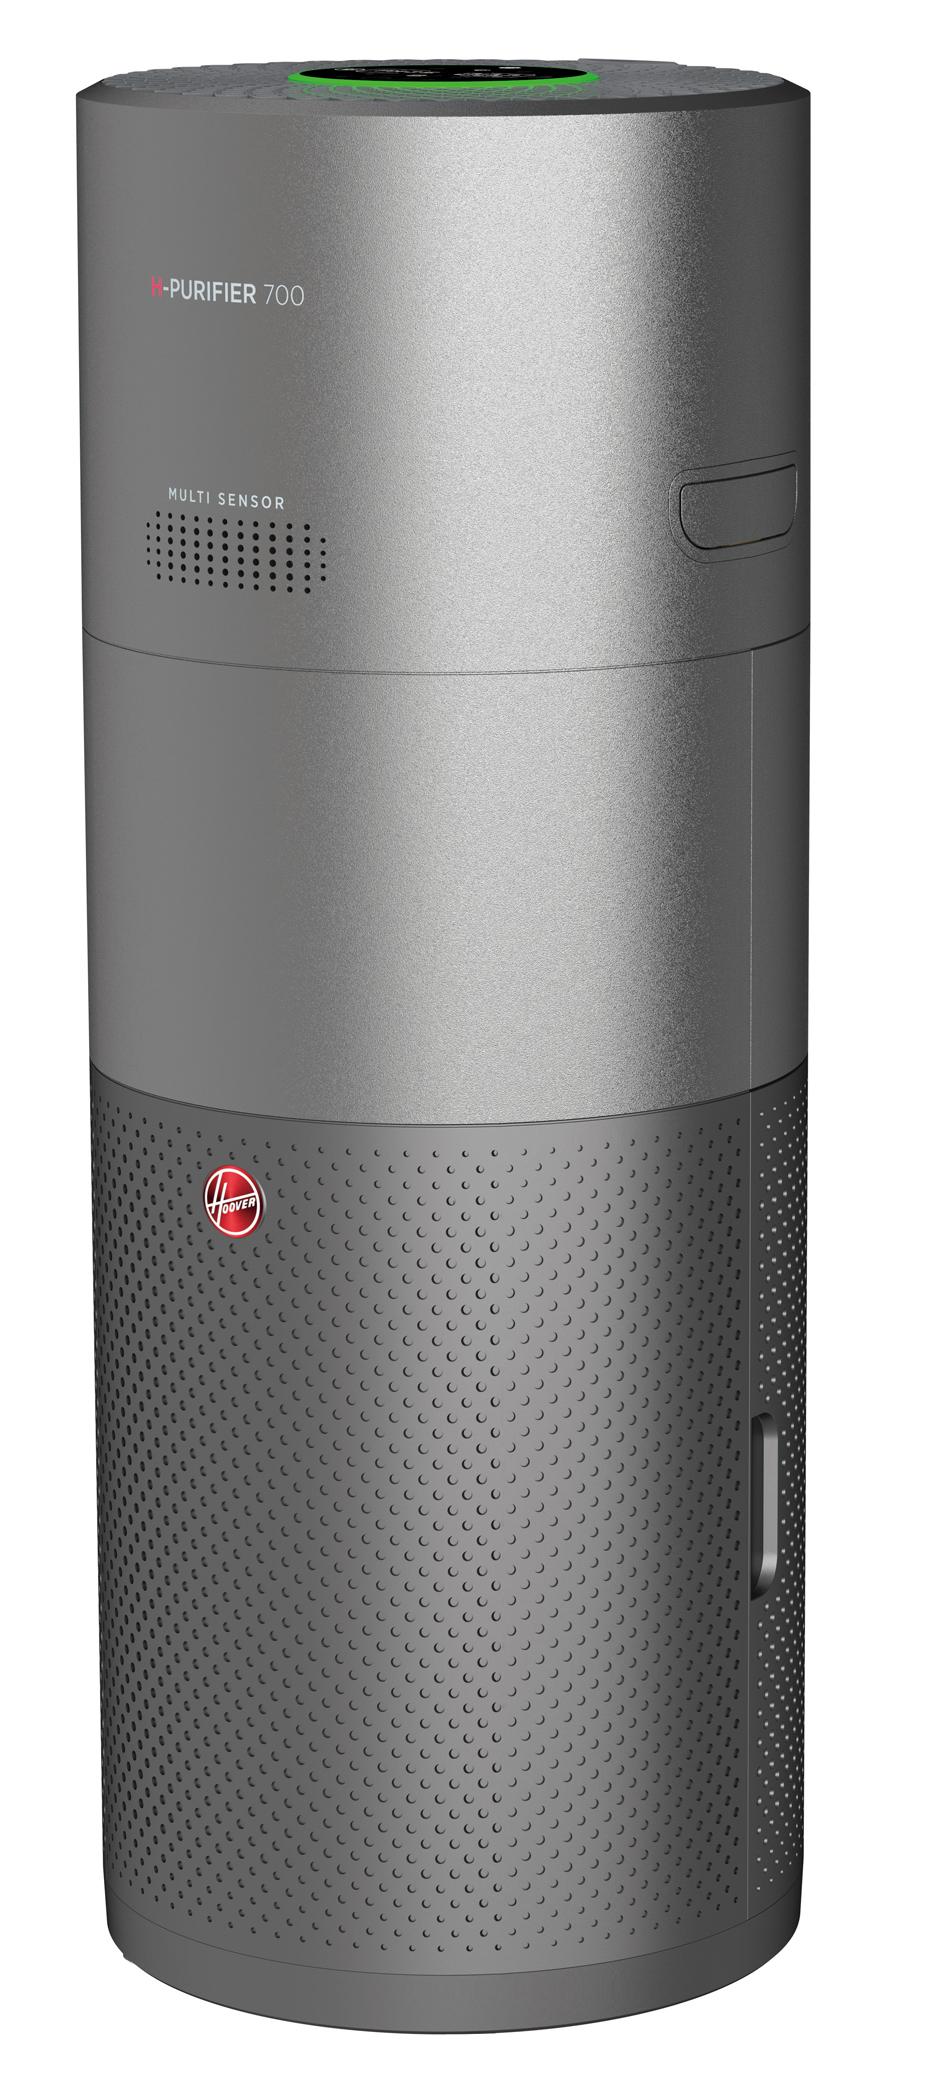 Hoover Luftreiniger H-Purifier 700 mit Diffusor für Essenzen oder Probiotika.